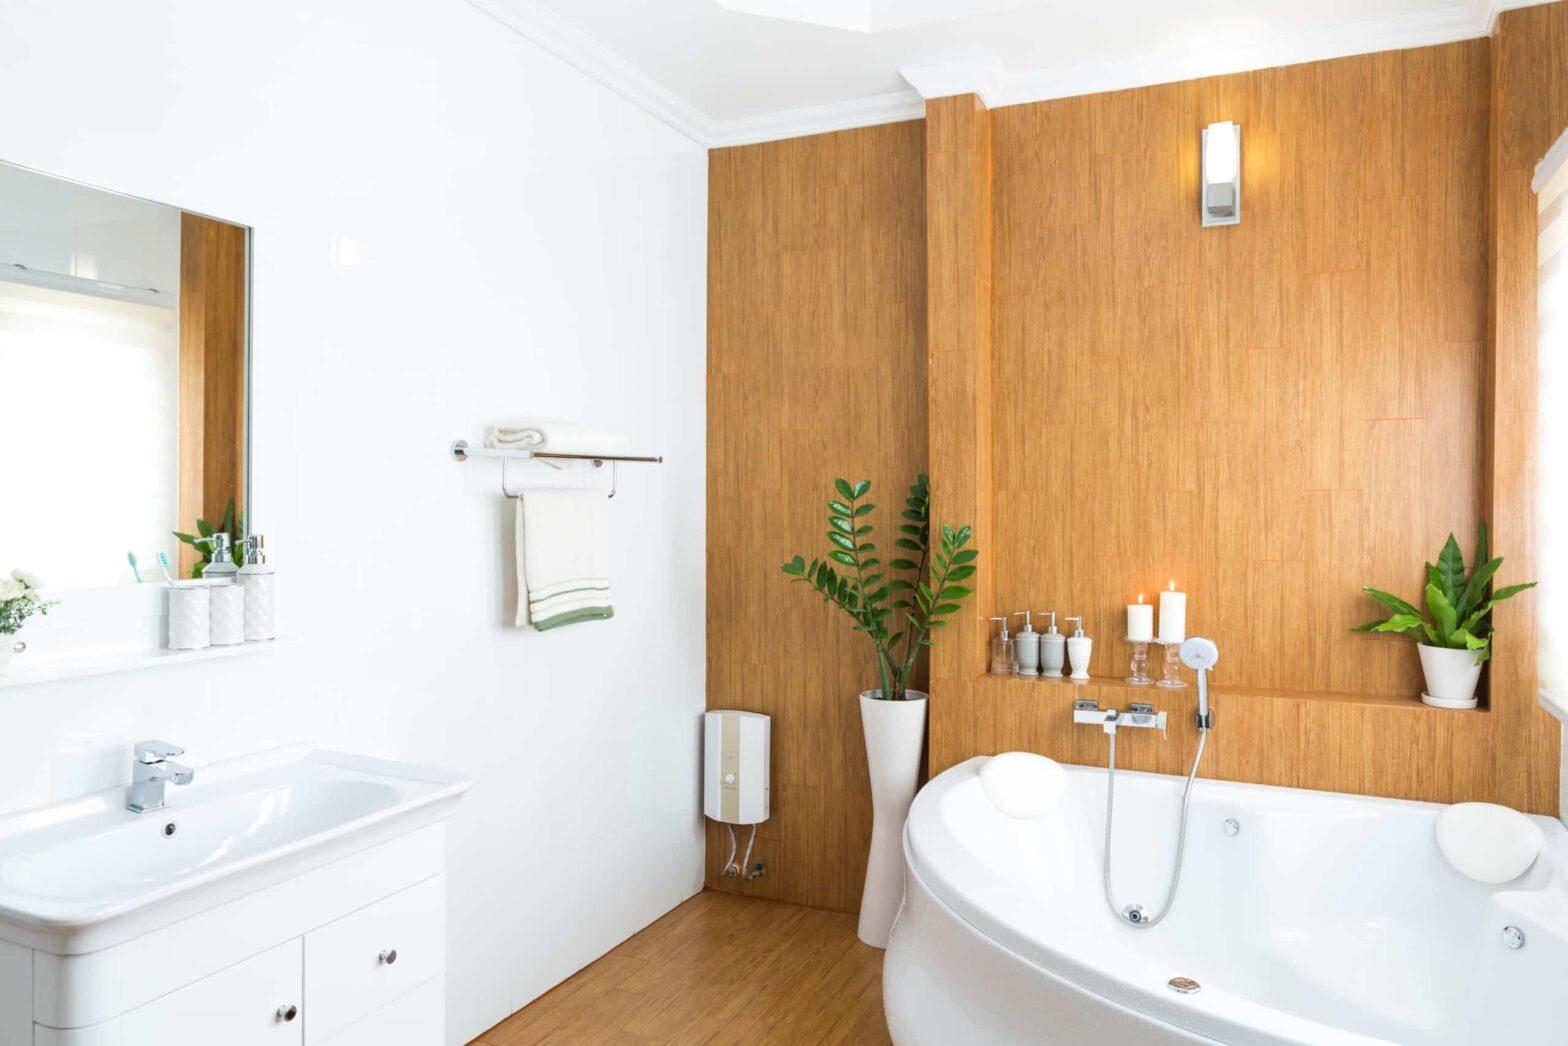 coste de la reforma de un baño de 4m2